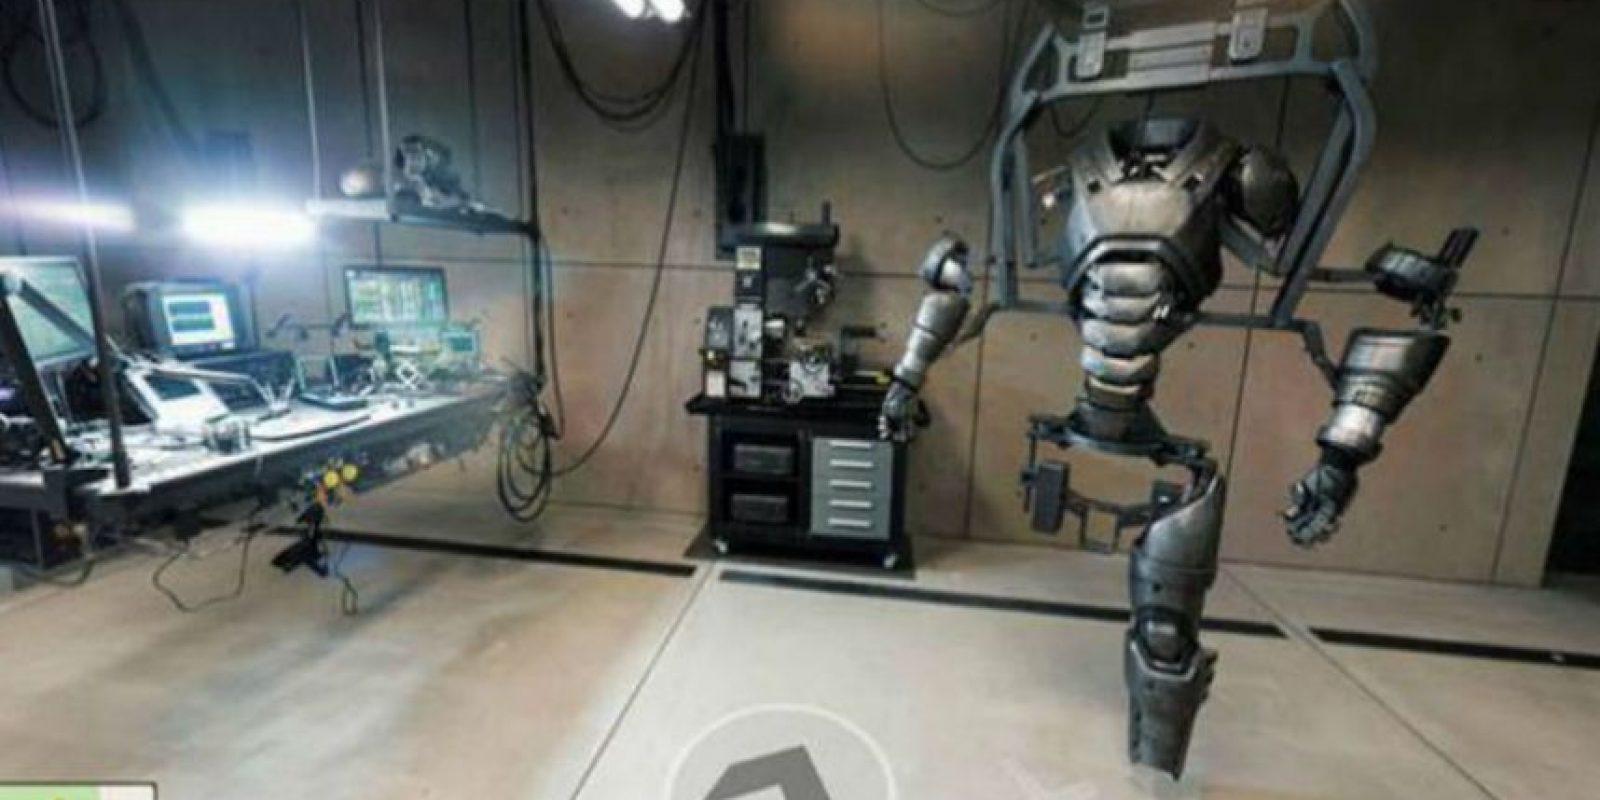 En la guarida del superhéroe se encuentran todos los gadgets que usa para combatir el mal. Foto:Google Maps